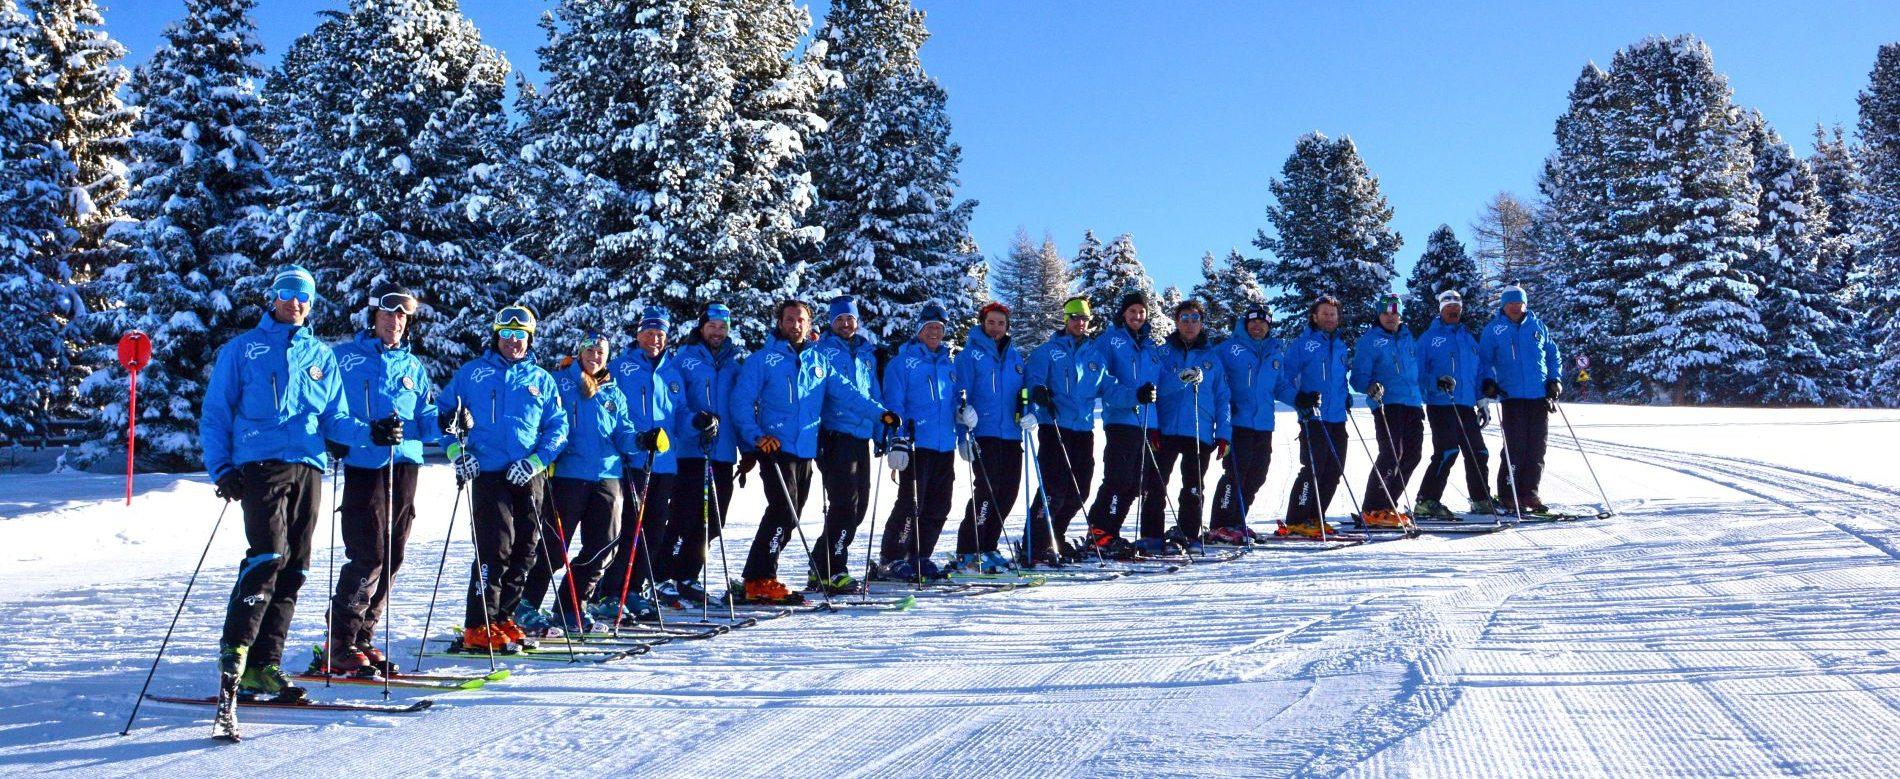 scuole-di-sci_ski-center-latemar-trentino-alto-adige